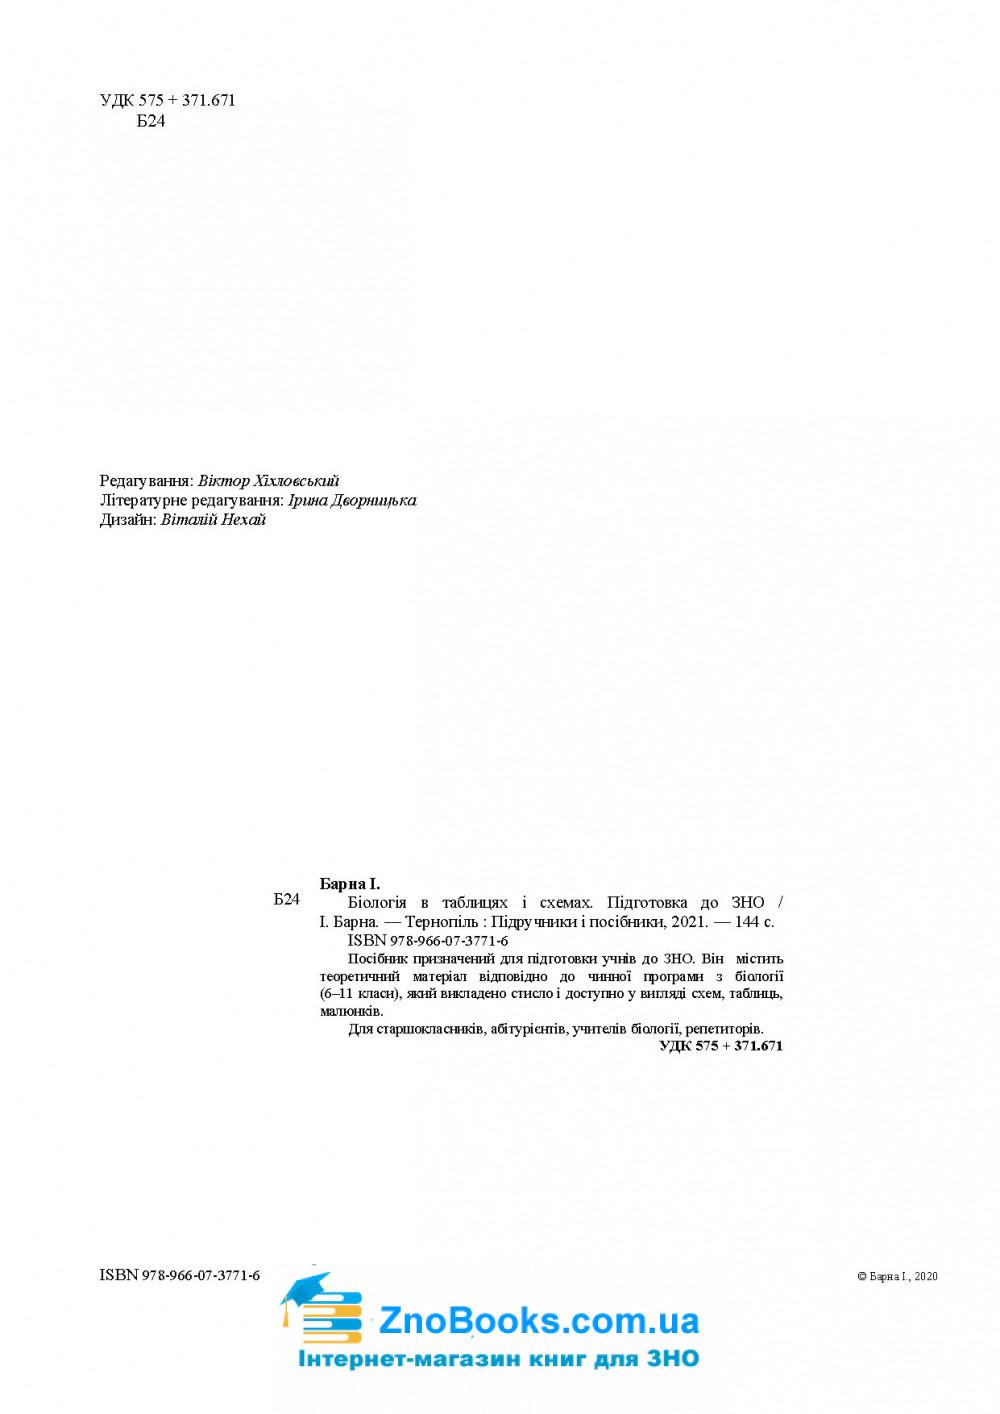 Біологія в таблицях і схемах до ЗНО 2021 : Барна І. Підручники і посібники 2